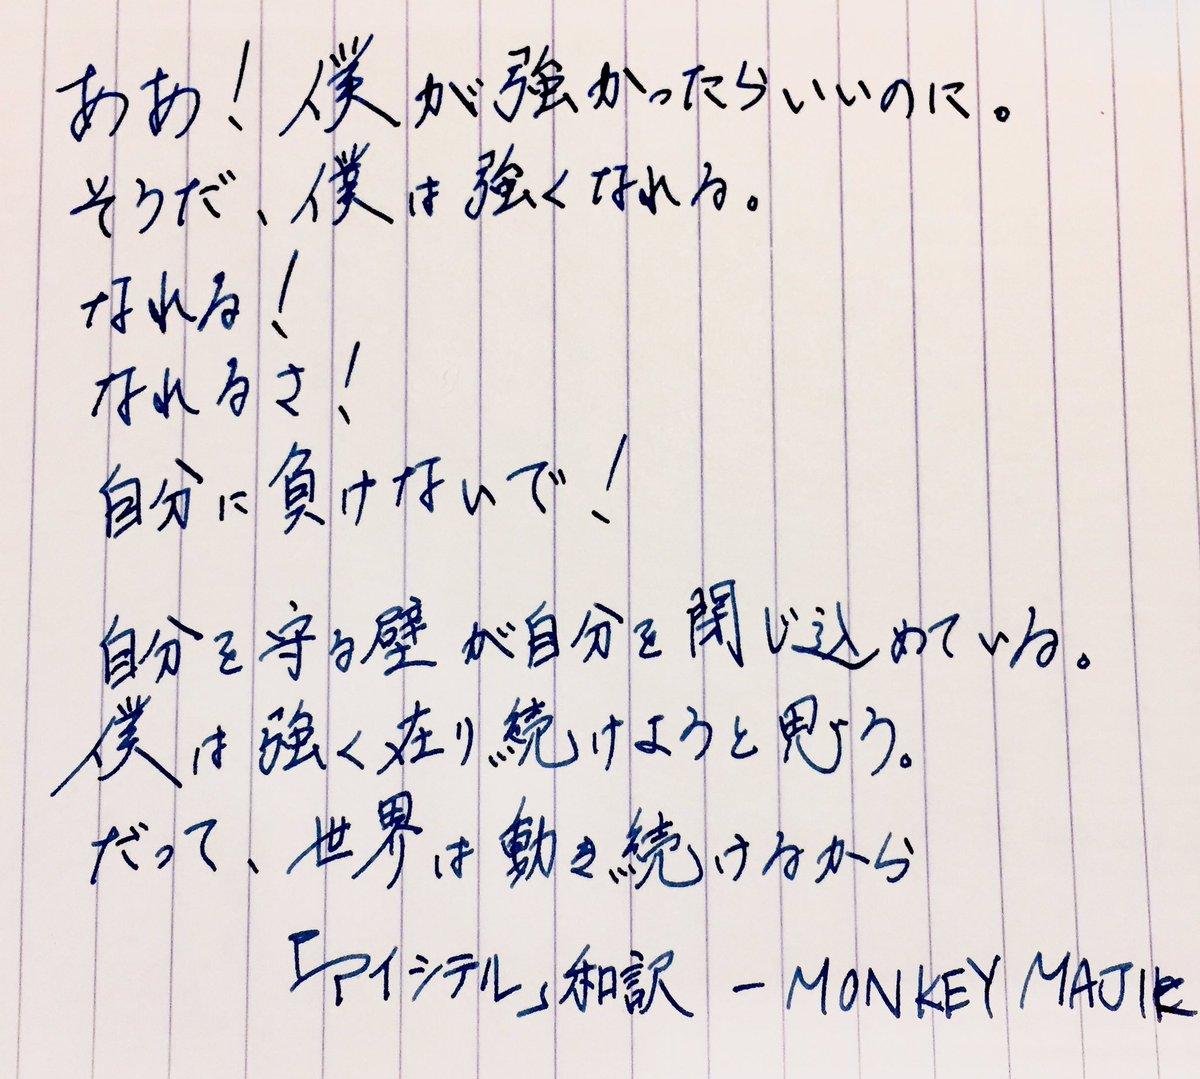 歌詞 モンキー マジック